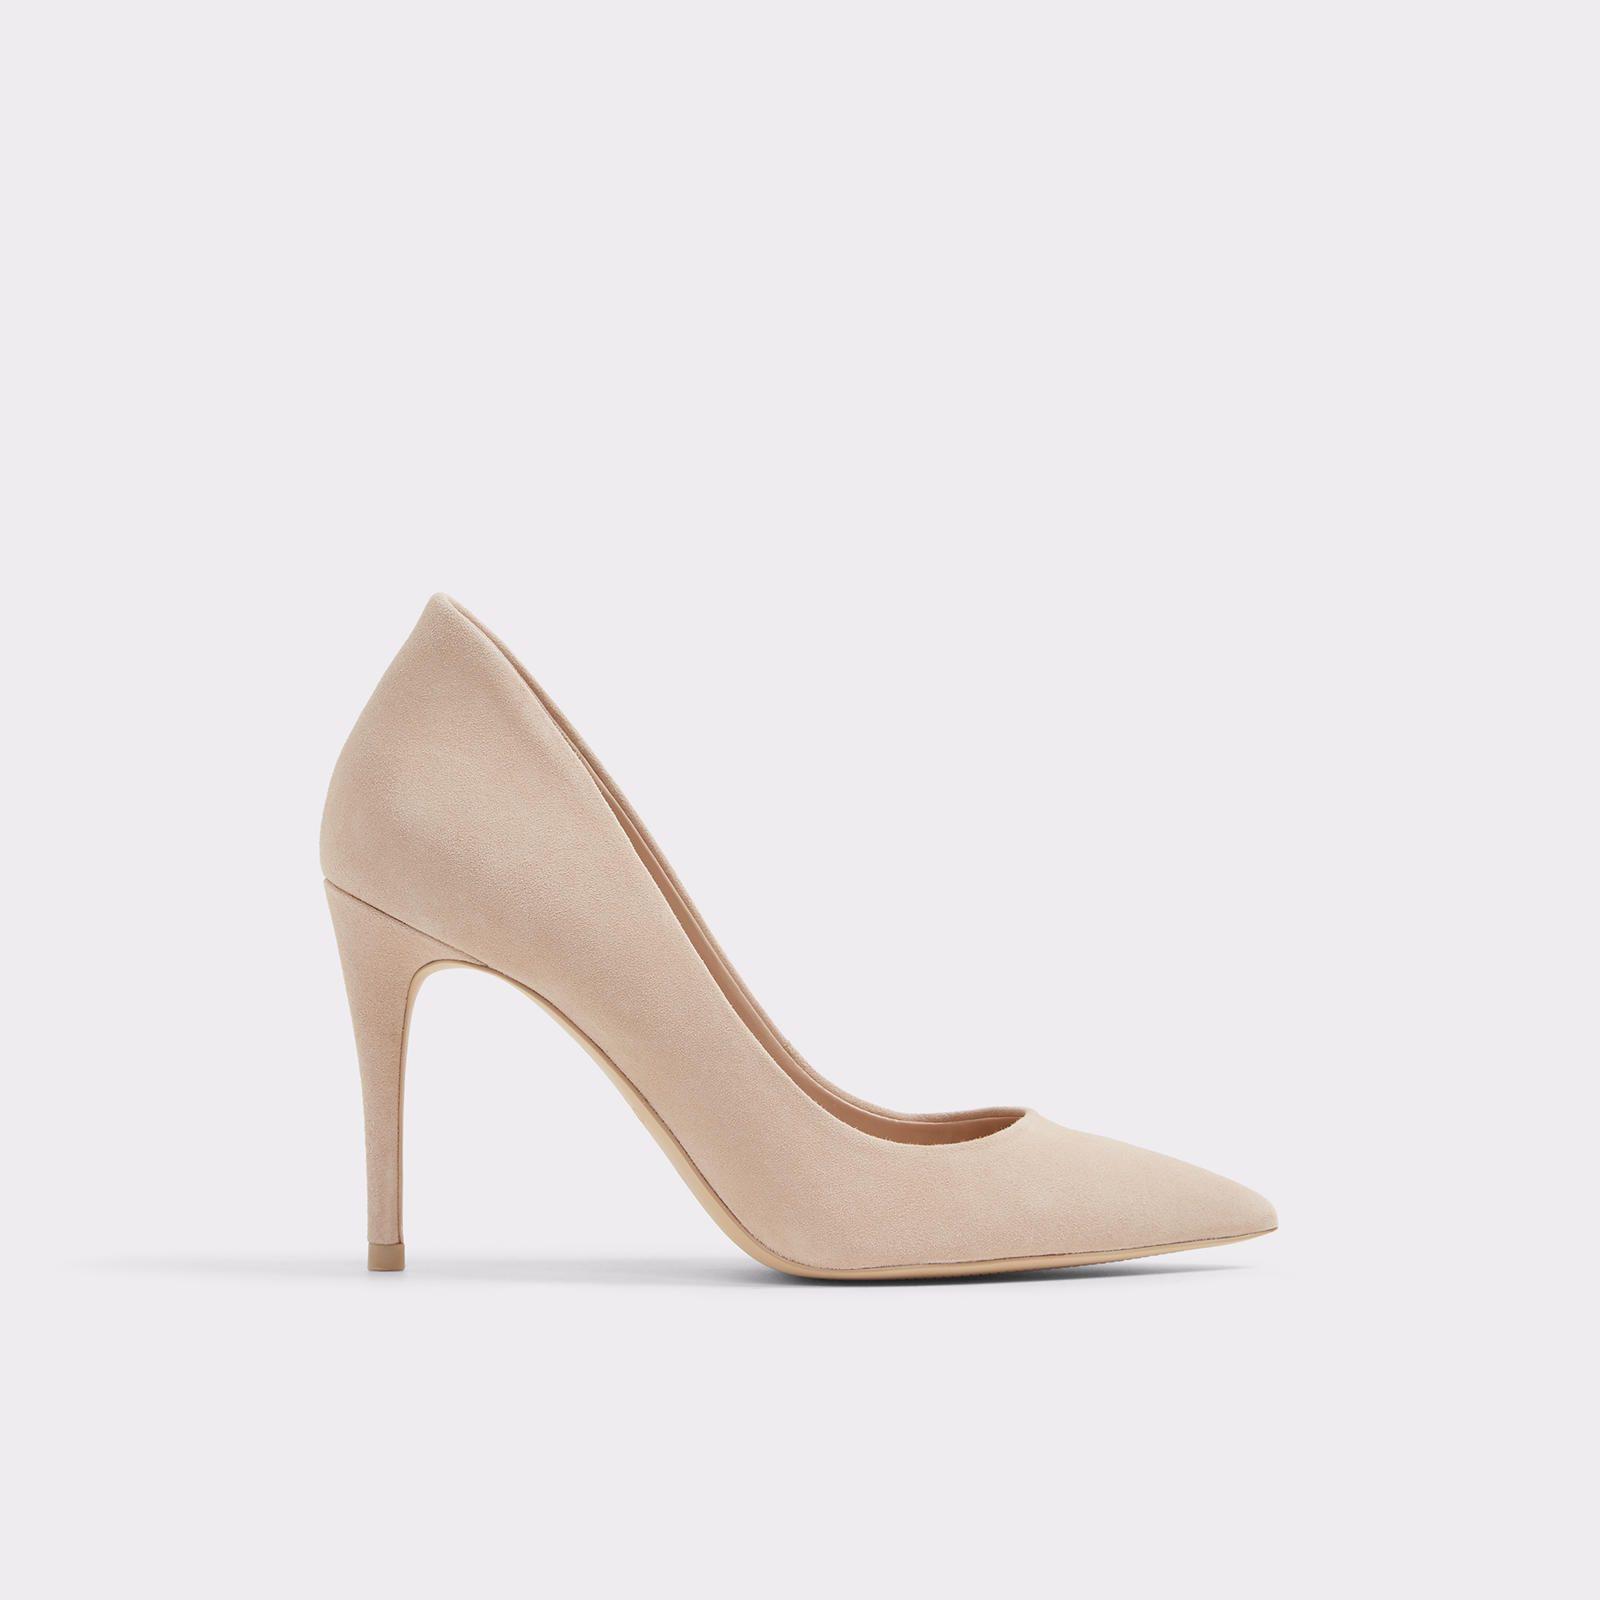 2b8b1aa9984 Uloaviel-N Women s Heels